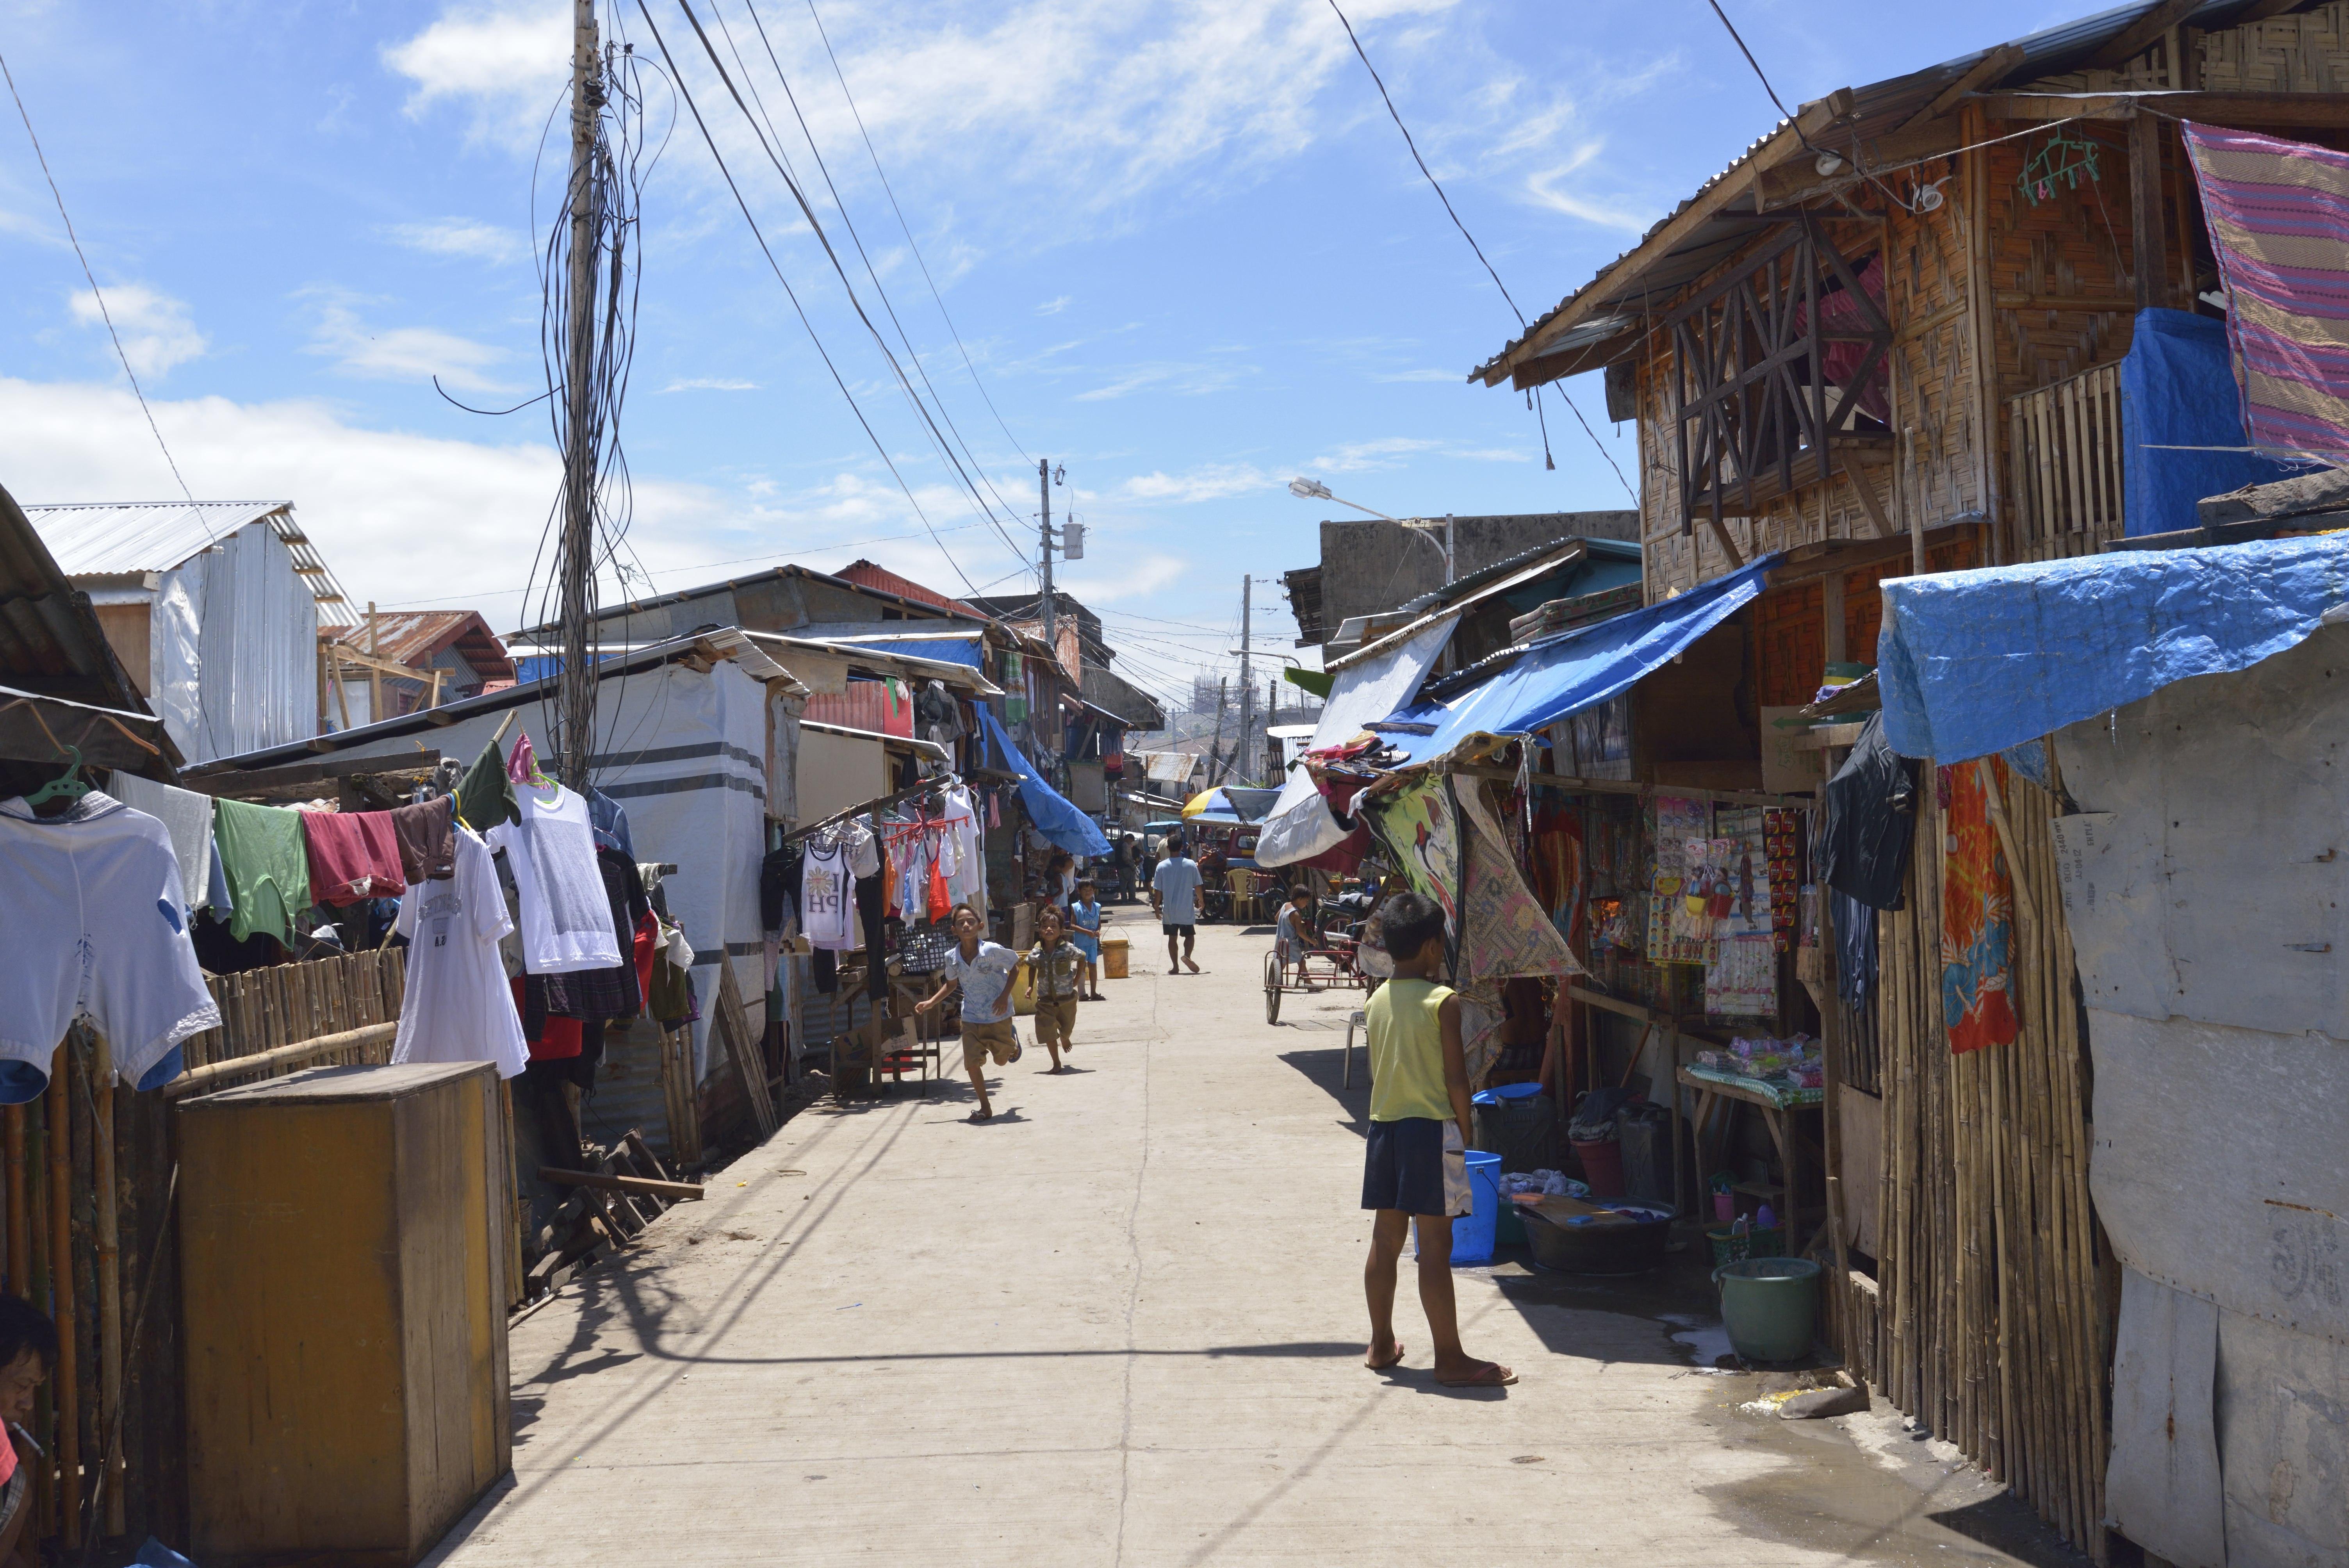 Barangay Bagong Buhay, Ormoc province, Philippines after Typhoon Haiyan.